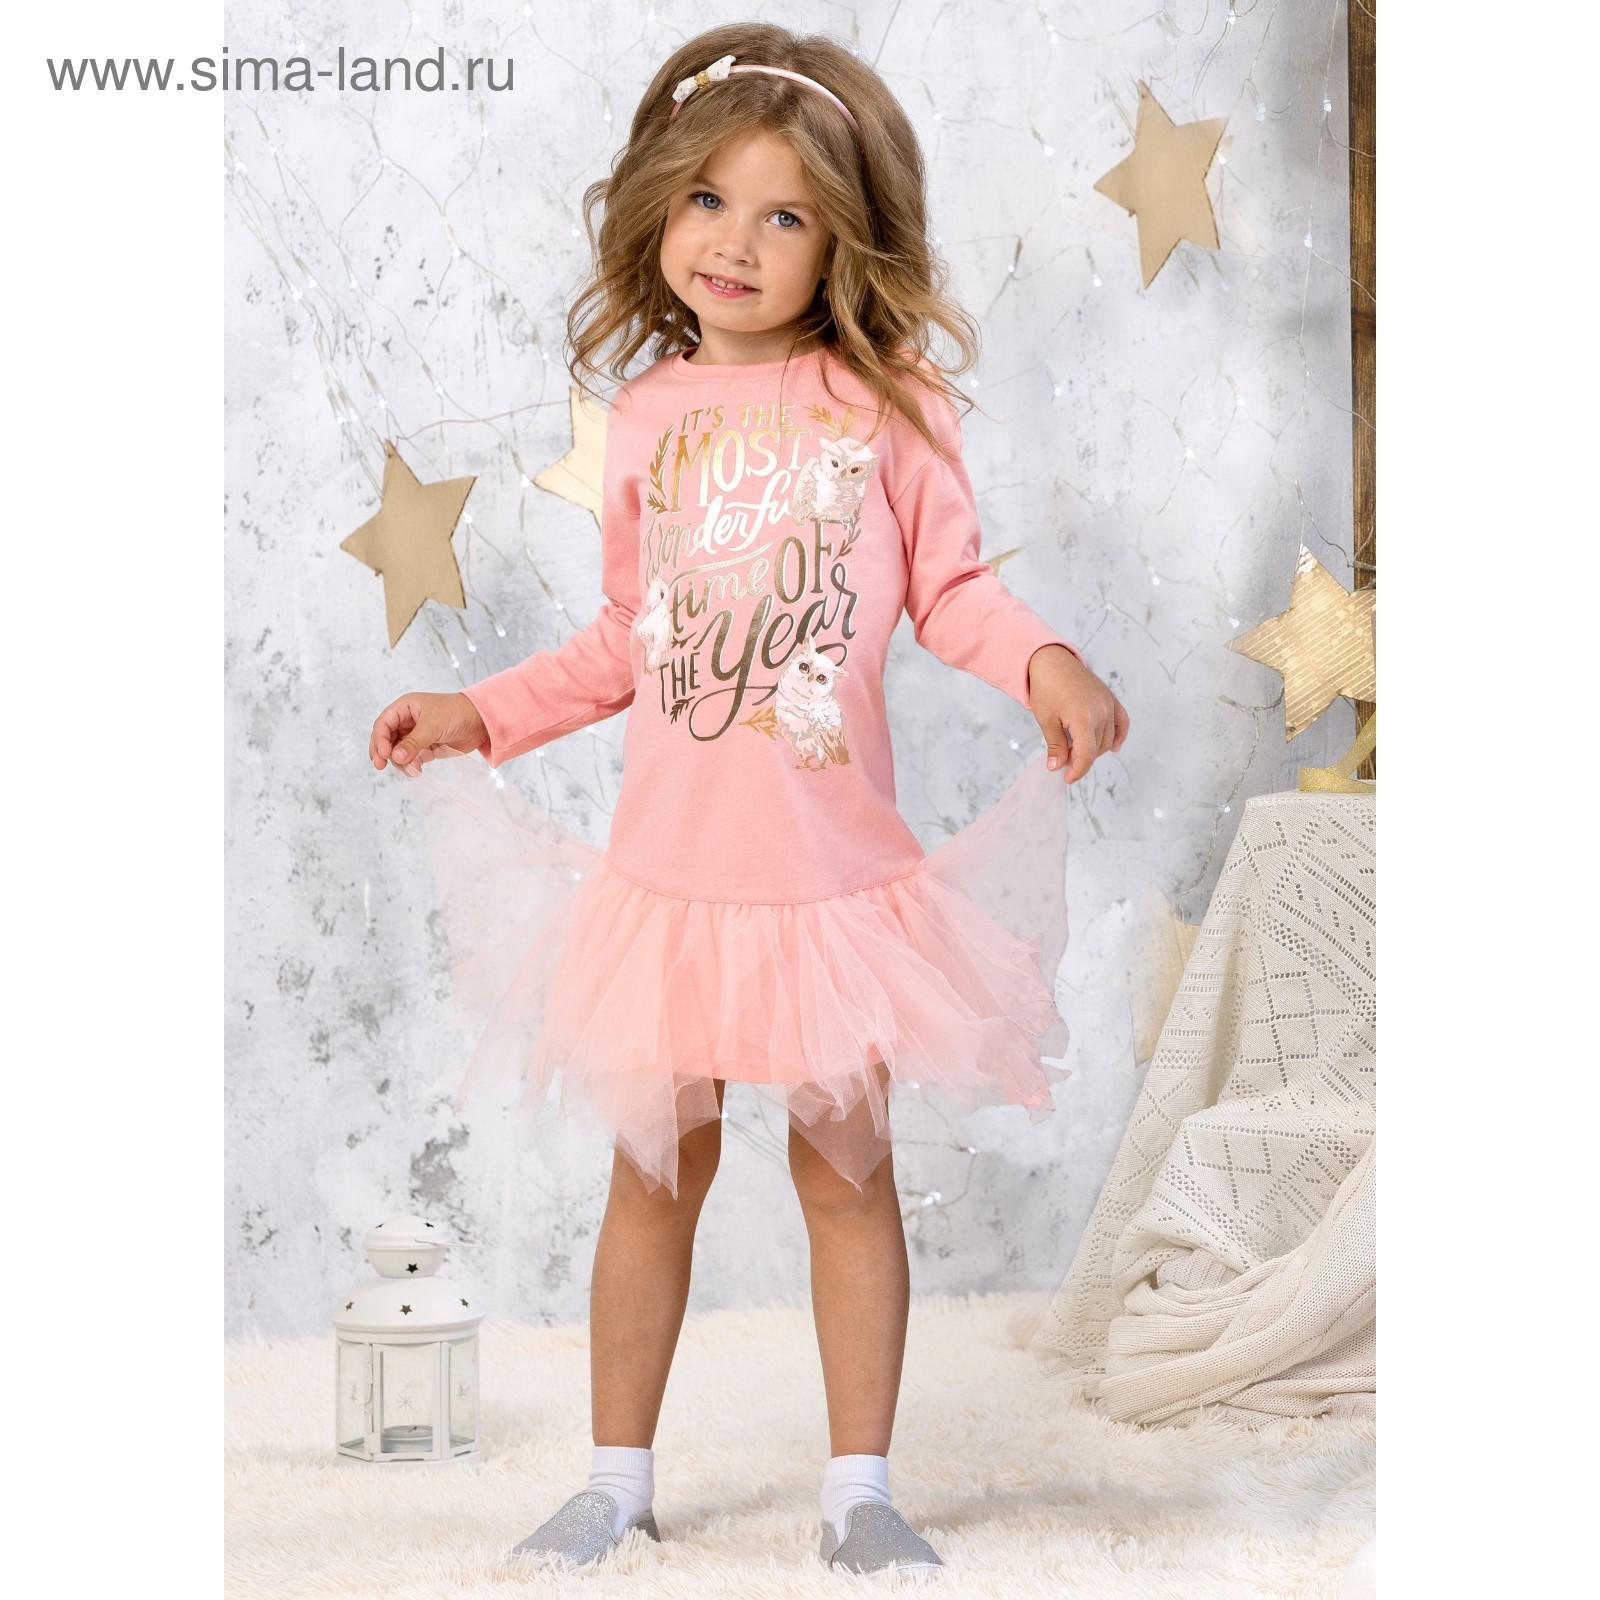 1942abae7ffd Платье для девочки, рост 98 см, цвет персиковый (GFDJ3041) - Купить ...